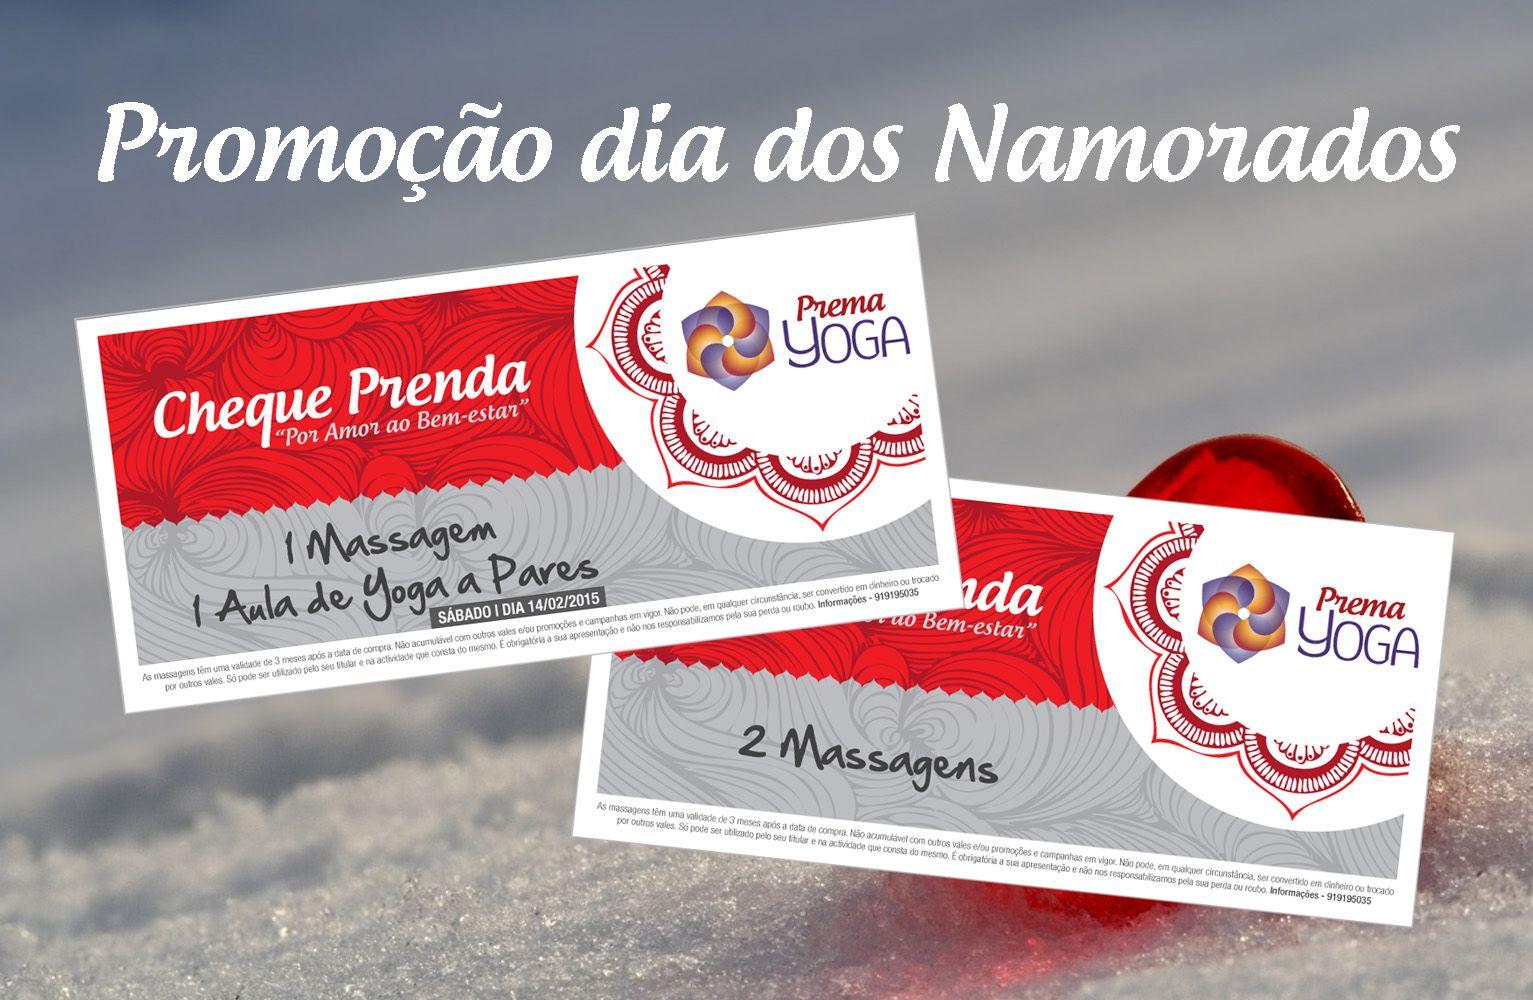 """PROMOÇÃO PREMA YOGA DIA DOS NAMORADOS 2015 - """"ALL YOU NEED IS PREMA"""":  • PACK """"ALL YOU NEED IS PREMA"""" A: 1 MASSAGEM + 1 AULA DE YOGA A PARES (dia 14, Sábado) = 40€ (COMPRADO ATÉ DIA 14 DE FEVEREIRO);  • PACK """"ALL YOU NEED IS PREMA"""" B: 2 MASSAGENS COM 10% DE DESCONTO = 63€ (COMPRADO ATÉ DIA 14 DE FEVEREIRO)."""